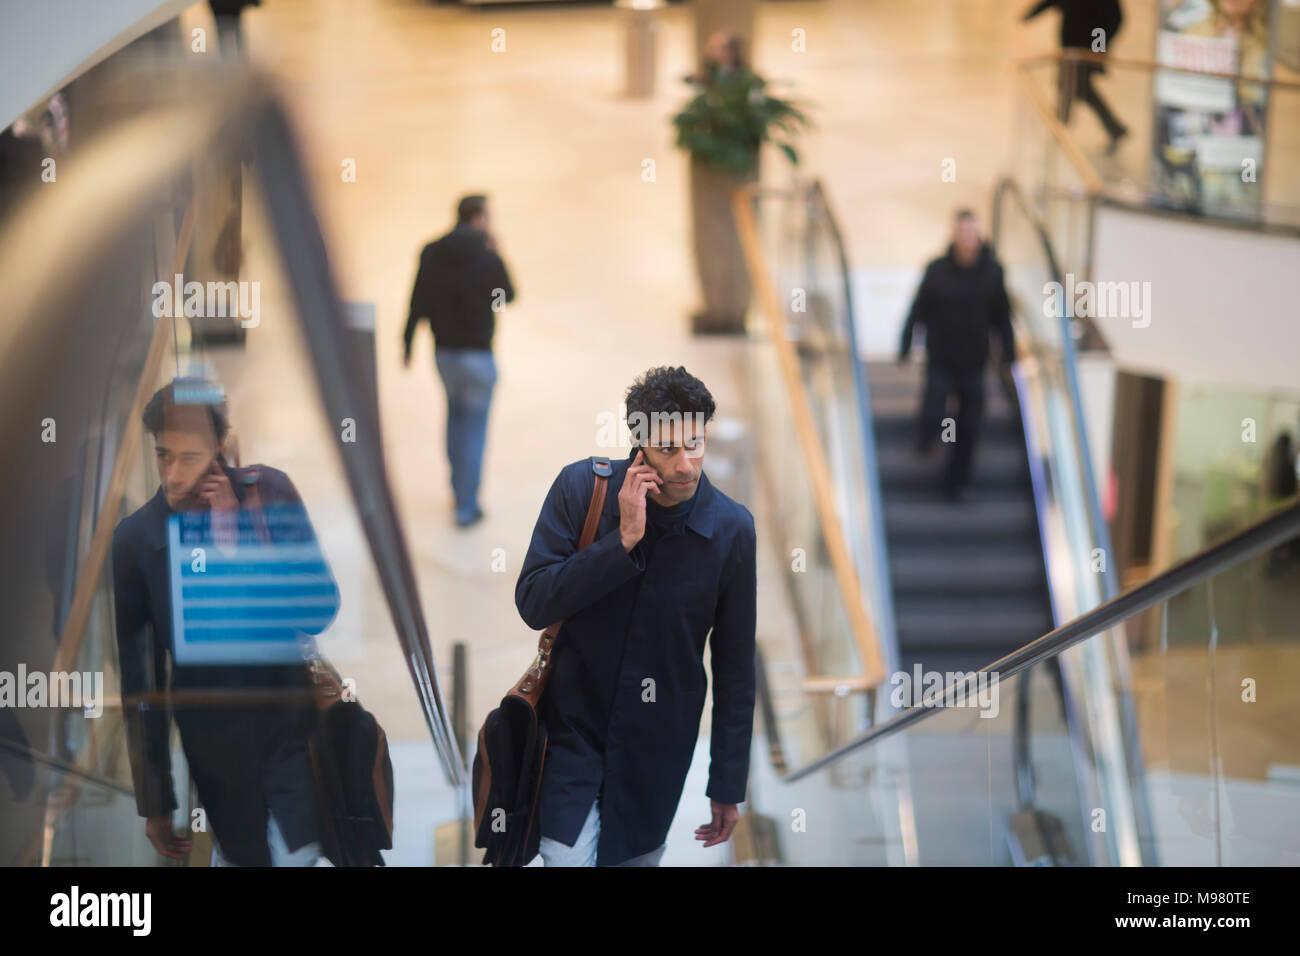 Homme au téléphone debout sur escalator dans un centre commercial Photo Stock